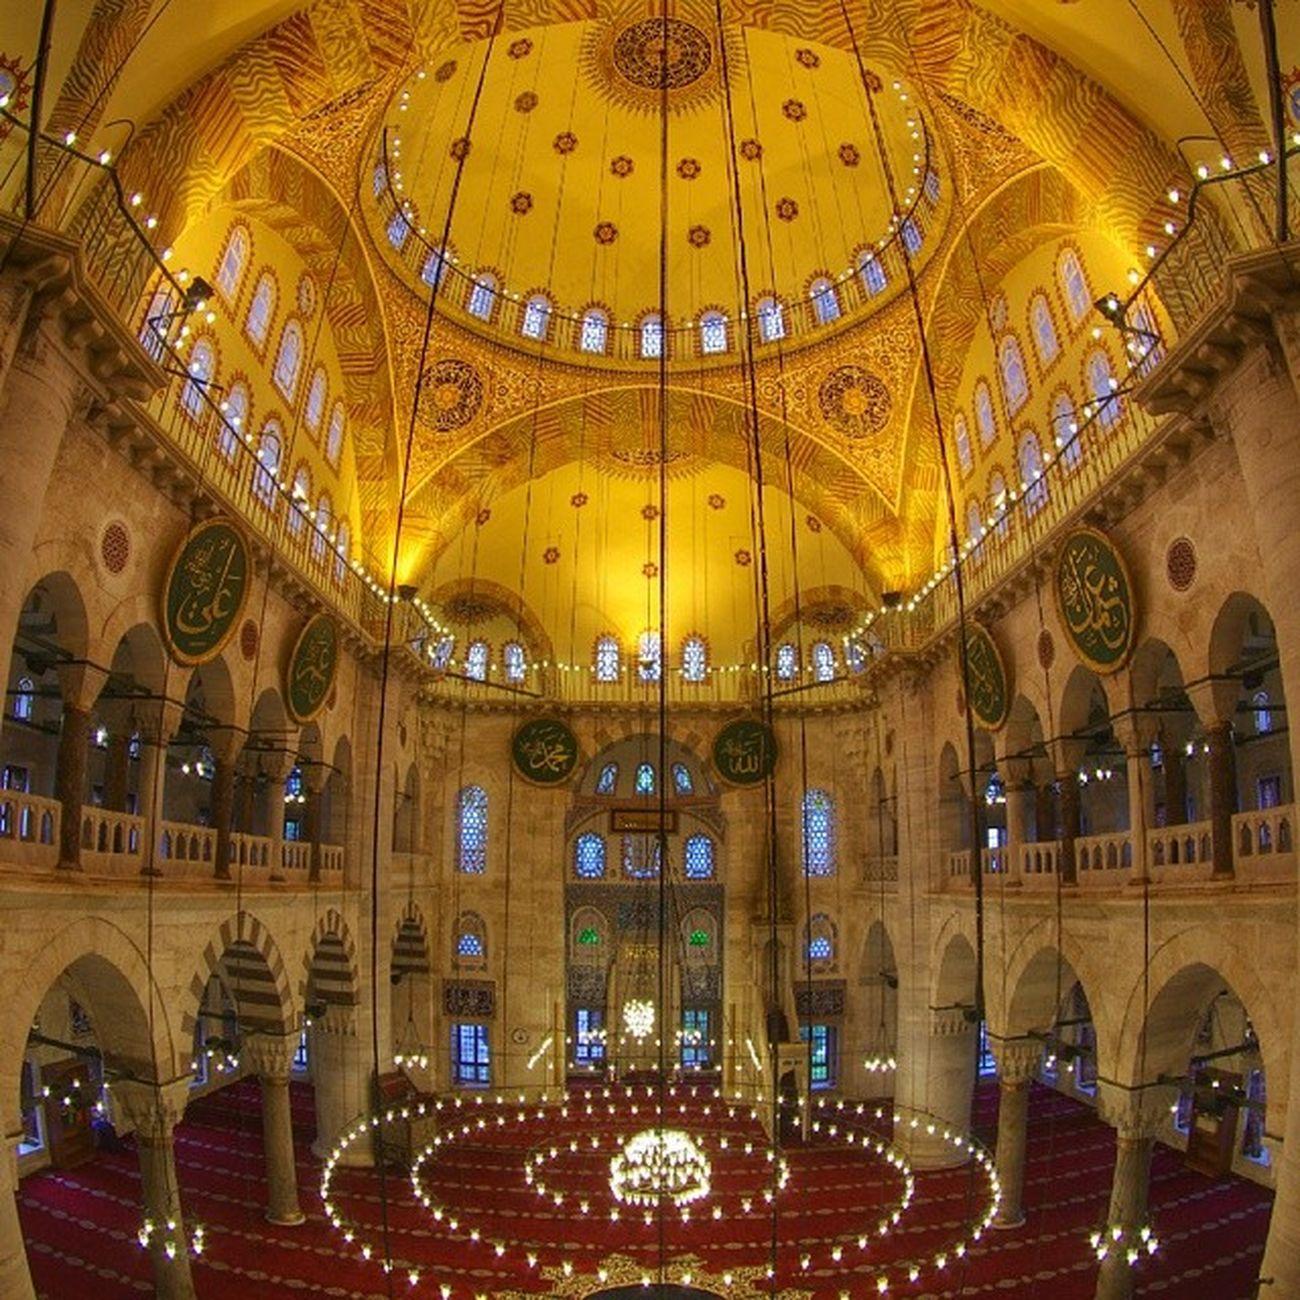 Kılıç Ali Paşa Camii (namı diğer küçük Ayasofya) Kaptan-ı Derya Kılıç Ali'nin Mimar Sinan'a yaptırdığı İstanbul'un Tophane semtinde bulunan camidir. 1580 yılında yapılmıştır. Türbe, medrese ve hamamdan oluşan bir de külliyesi vardır. Kubbenin iki yanındaki yarım kubbeler, diğer iki yanındaki kemerler ve destek duvarlarıyla cami Ayasofya'nın küçük boyutta bir kopyasıdır. Mihrap tarafındaki çiniler İznik'in parlak döneminin ürünüdür. Ayasofya'nın model alınmasının ardındaki sebep bilinmemektedir. Caminin hemen karşısında bulunan oldukça büyük Osmanlı çeşmesi ile de uyumlu olup içinde birçok levent kabristanı barındırmaktadır. Mihrap cami duvarından dışarıya taşırılmıştır. Kılıç Ali Paşa Camii: Tophane Meydanı'nda bulunan cami Kaptan-ı Derya Kılıç Ali Paşa tarafından Mimar Sinan'a yaptırılmış. 1581 yılında inşa edilen bu caminin hikâyesi de şöyle: Kılıç Ali Paşa, cami yaptırmak için Sultan III. Murad'dan yer ister. Sultan da, Kaptan-ı Derya olmasından dolayı Kılıç Ali Paşa'ya denize cami yapmasını söyler. Bunun üzerine çok üzülen Paşa, Mimar Sinan ile anlaşır ve Tophane rıhtımının kenarına taş, toprak, moloz yığarak caminin inşasına başlar. Kılıç Ali Paşa Camii deniz üzerine kurulan ilk camidir.